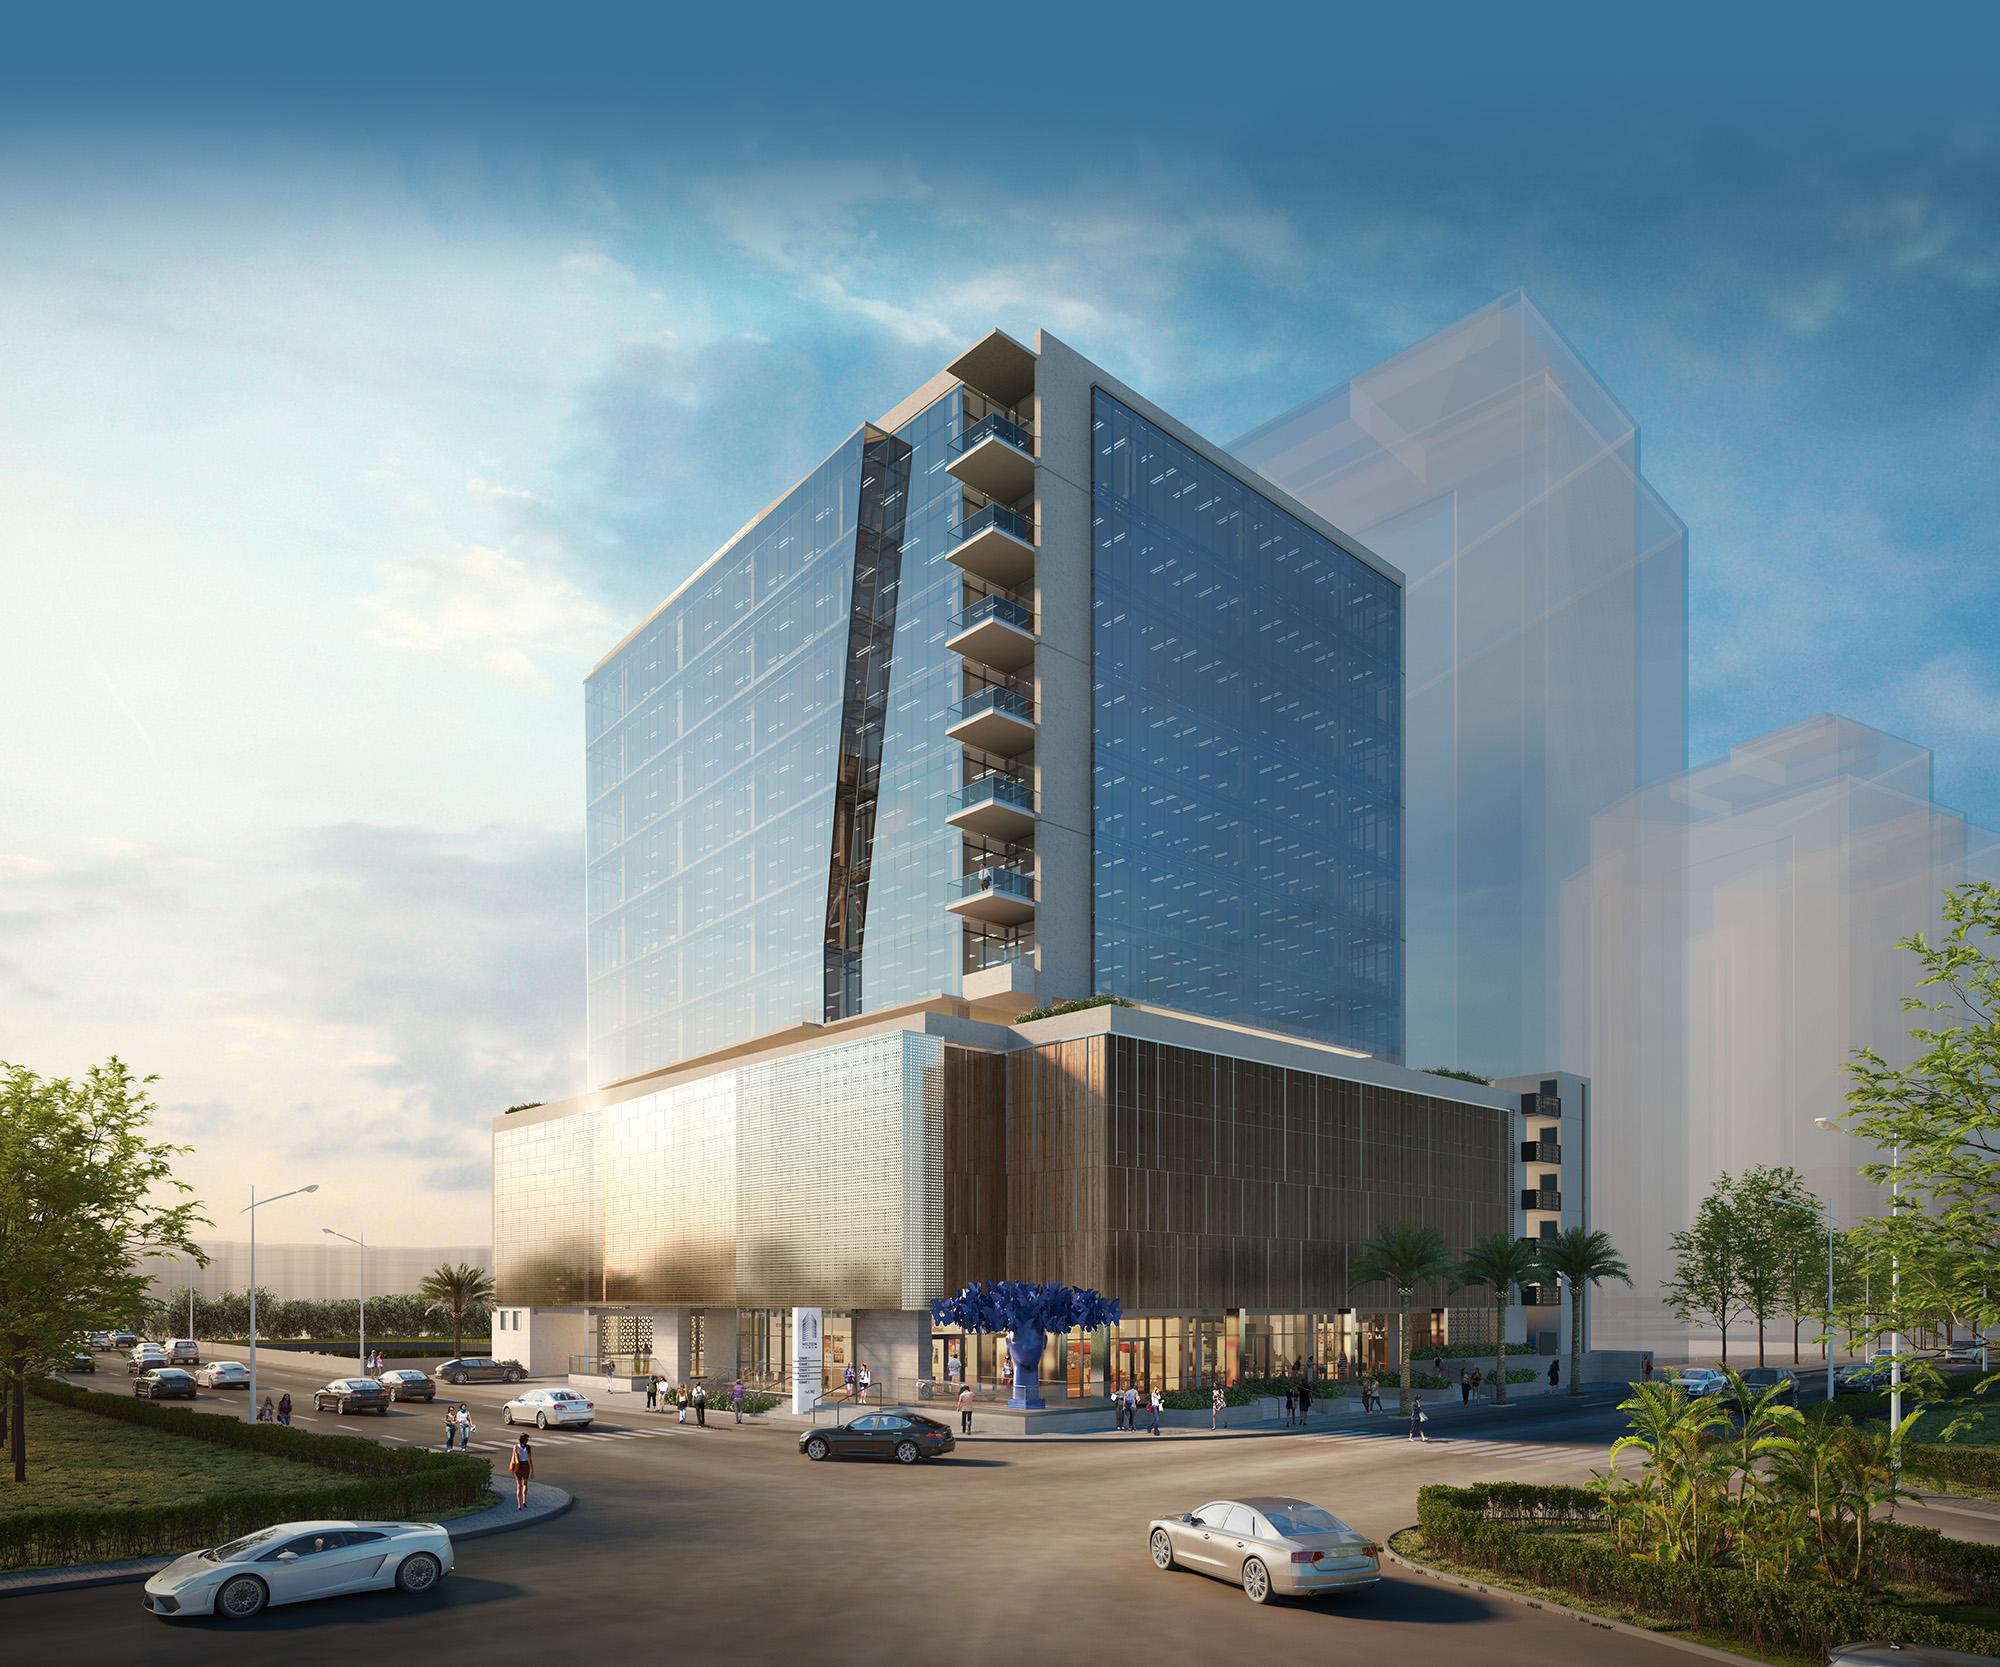 Milton tower digital rendering 2